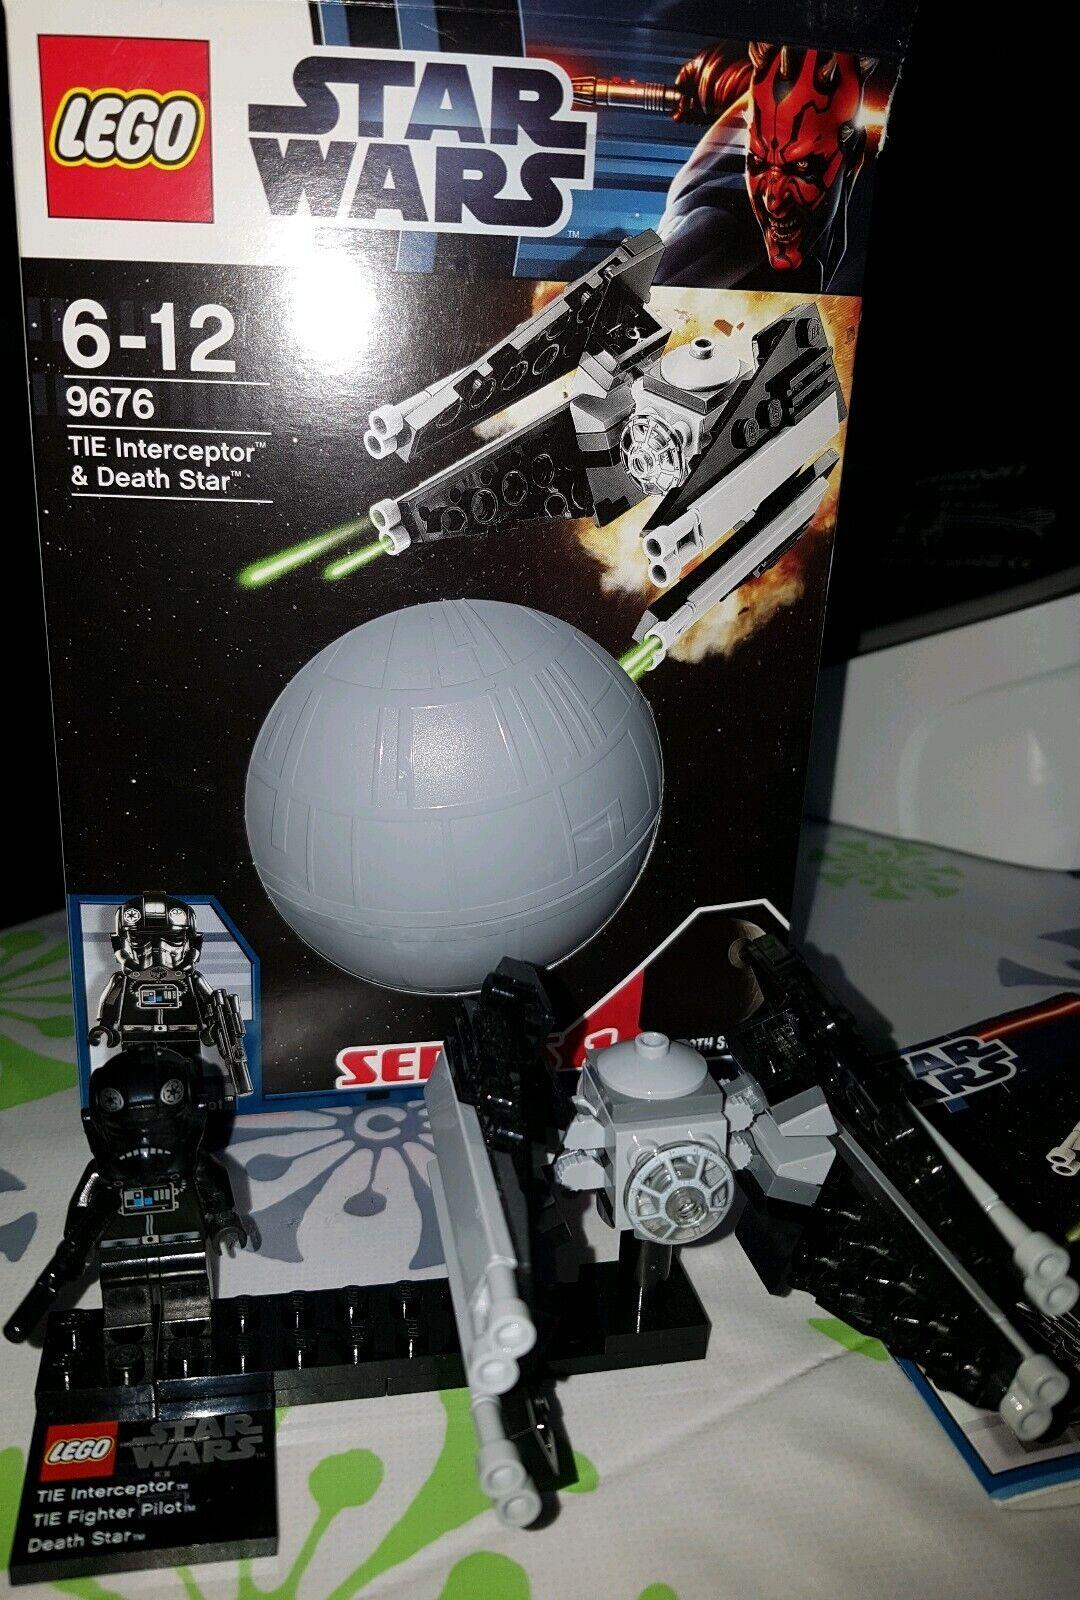 Lego Star Wars Set 9676 Tie Interceptor & Death Star absolut Neuwertig